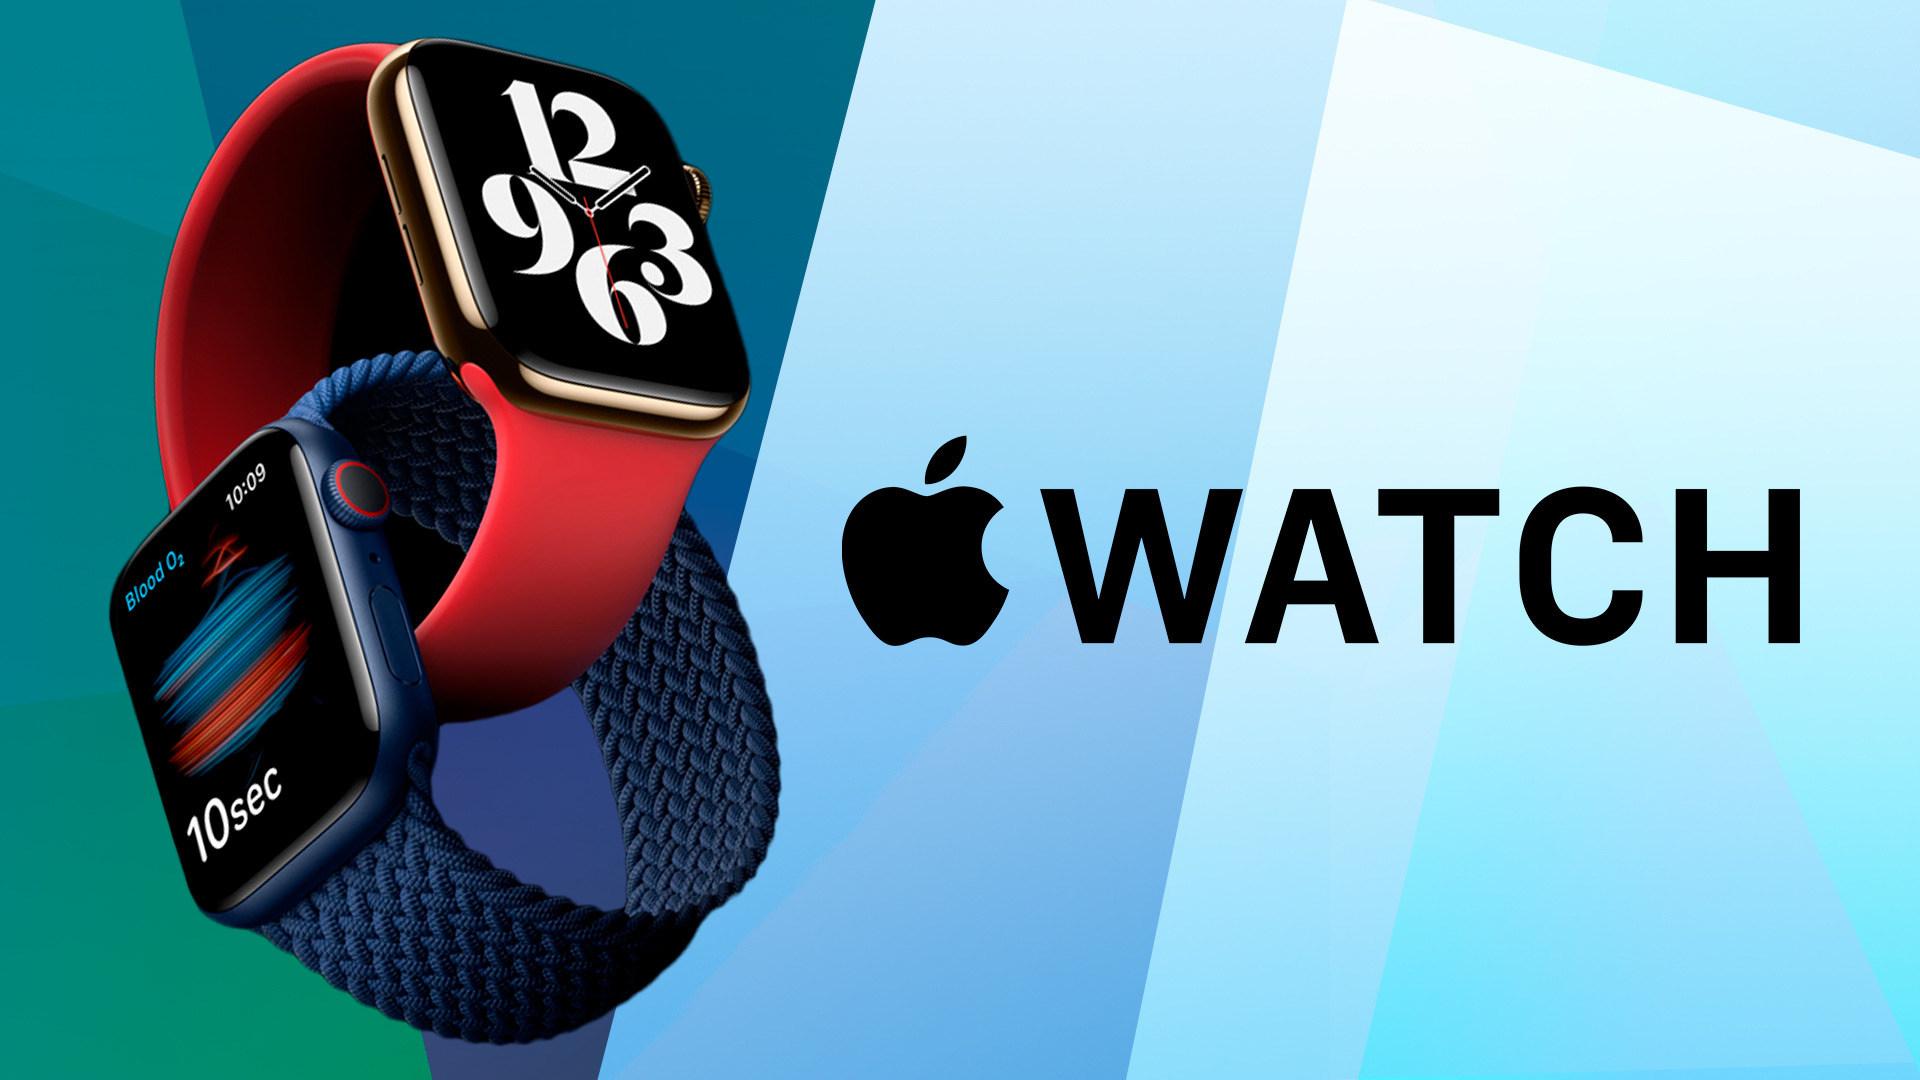 Apple, smartwatch, Wearables, Apple Watch, Smartwatches, iWatch, Apple iWatch, Watch, Apple Smartwatch, Apple Watch Series 5, Apple Watch Series 6, Ziffernblatt